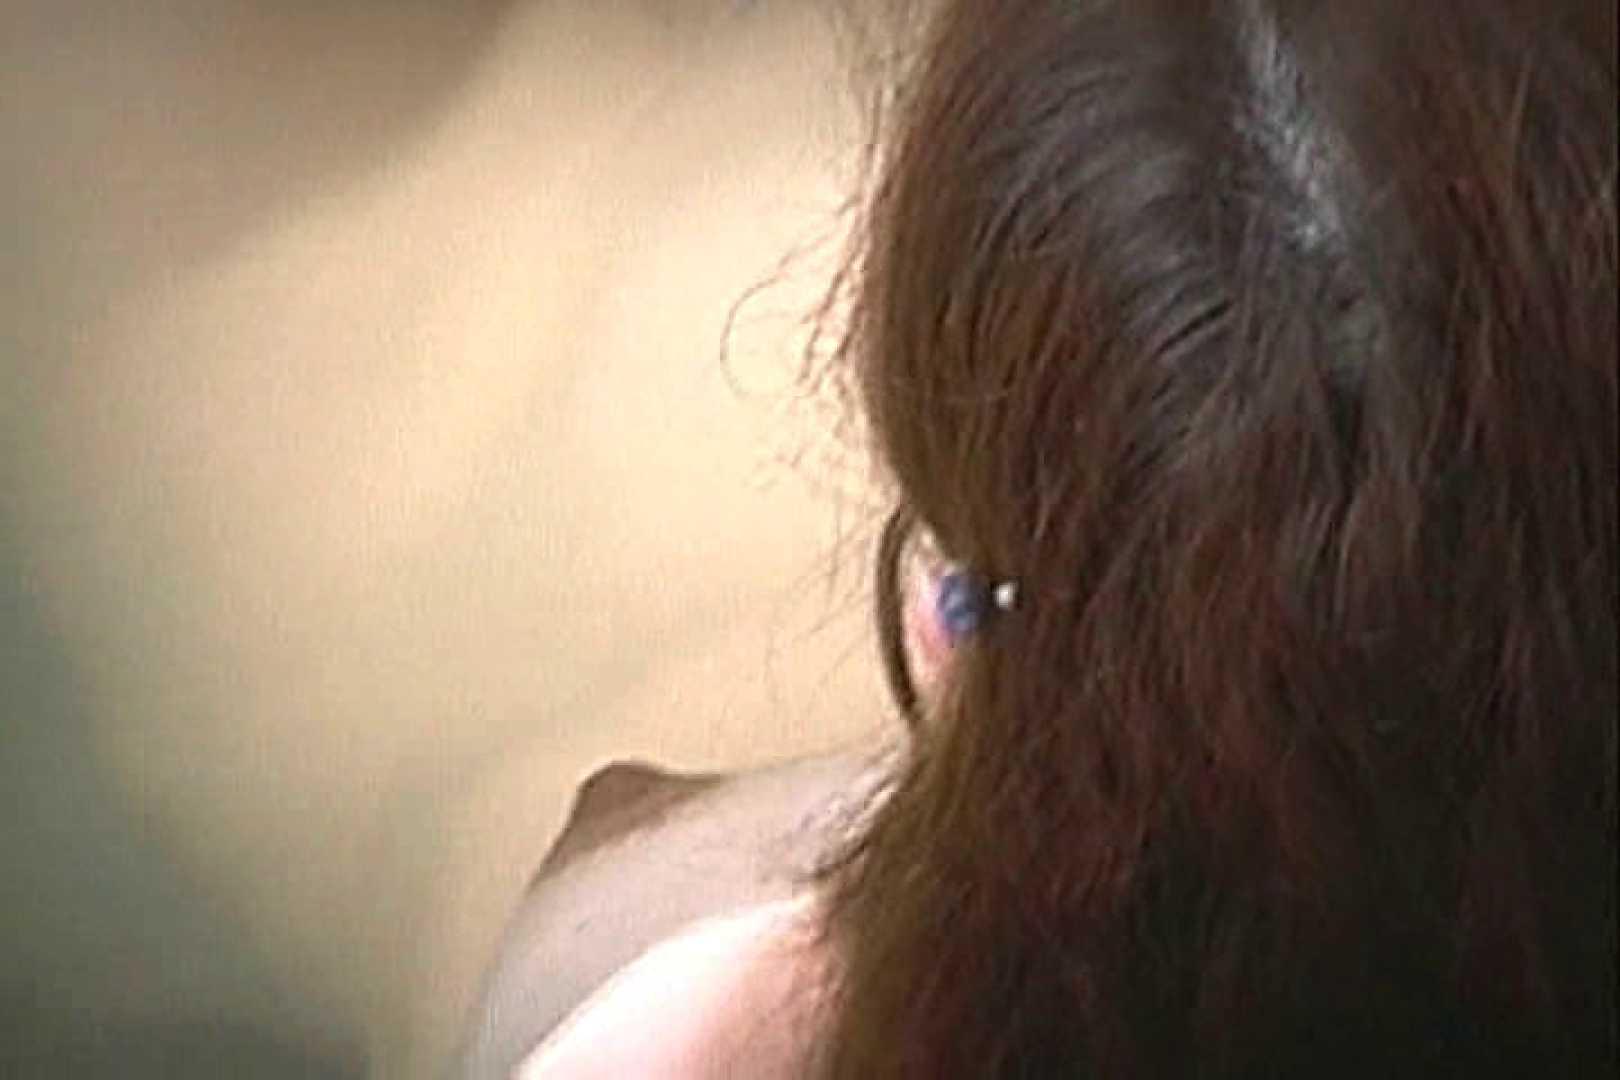 激撮!! 接写天井裏の刺客Vol.6 女子風呂  106枚 30